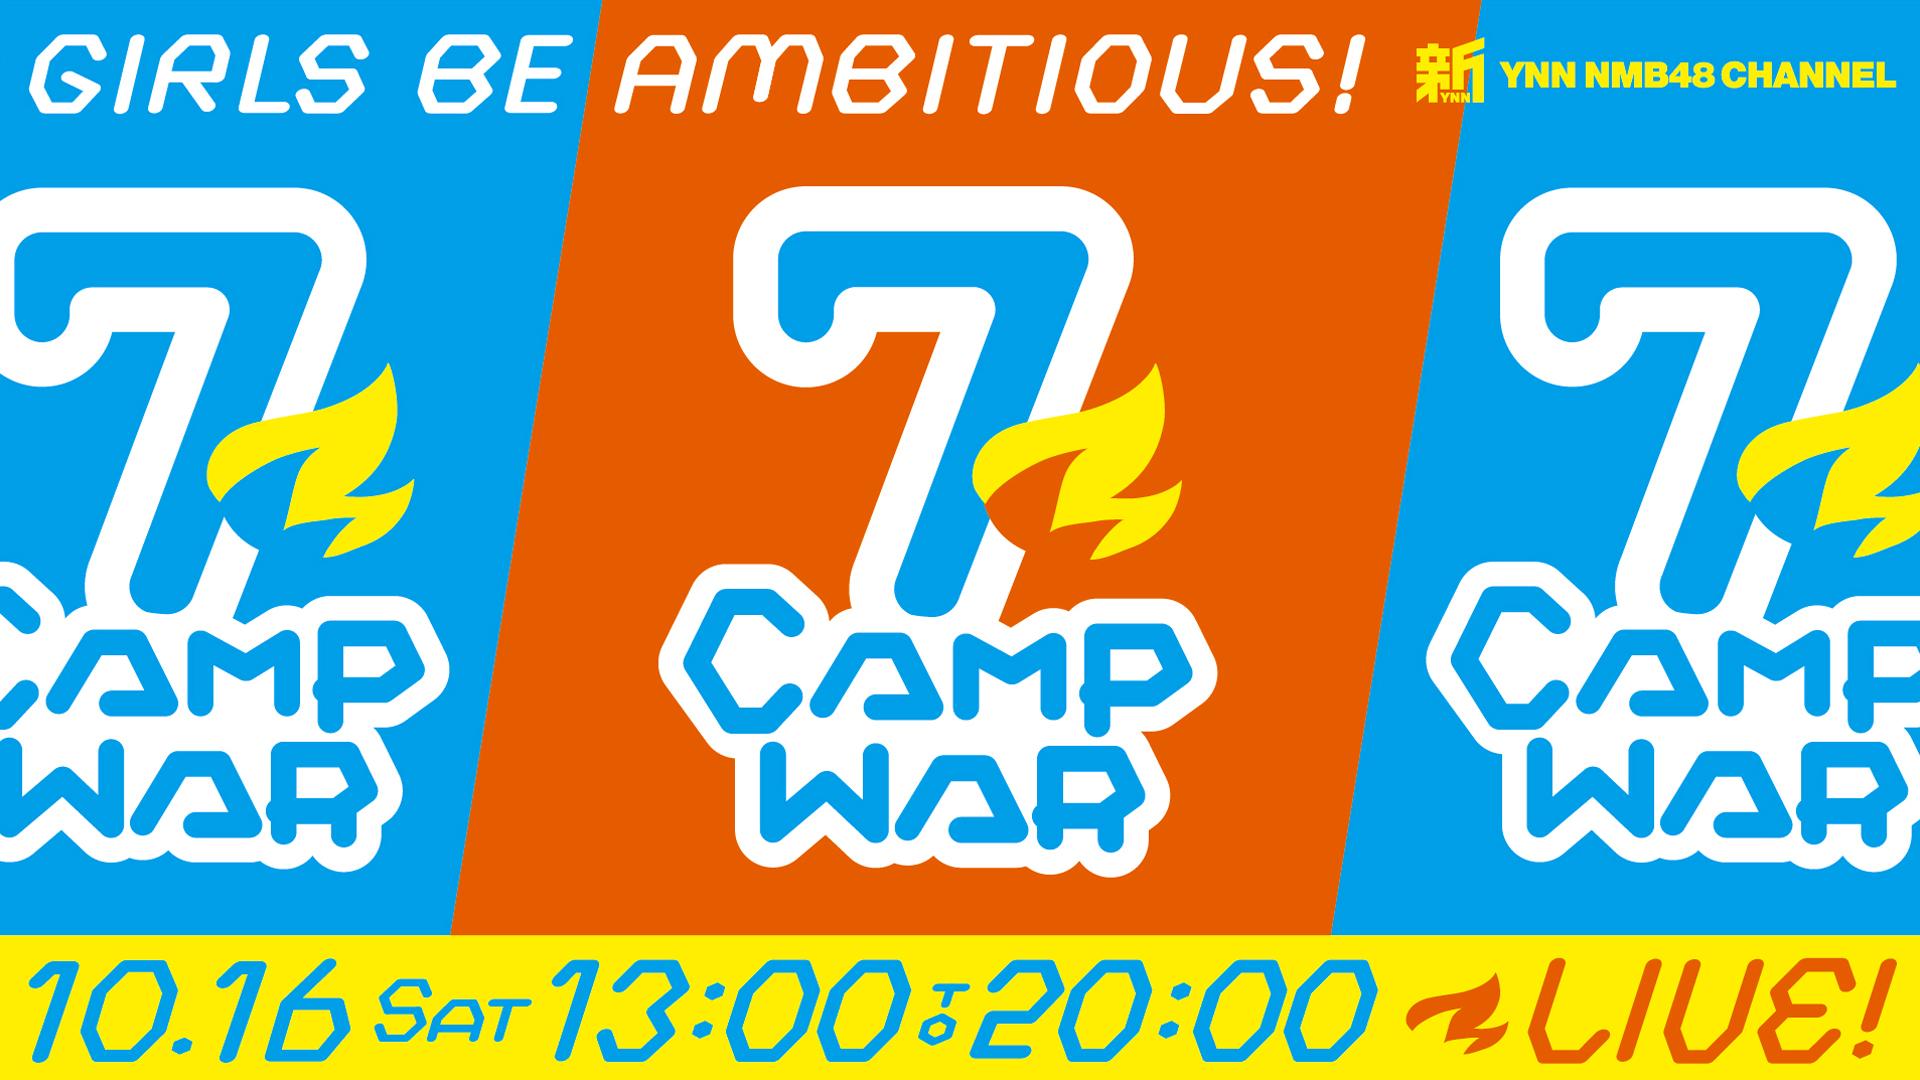 【NMB48】10月16日「7CAMP WAR」のタイムテーブルと出演メンバーが発表